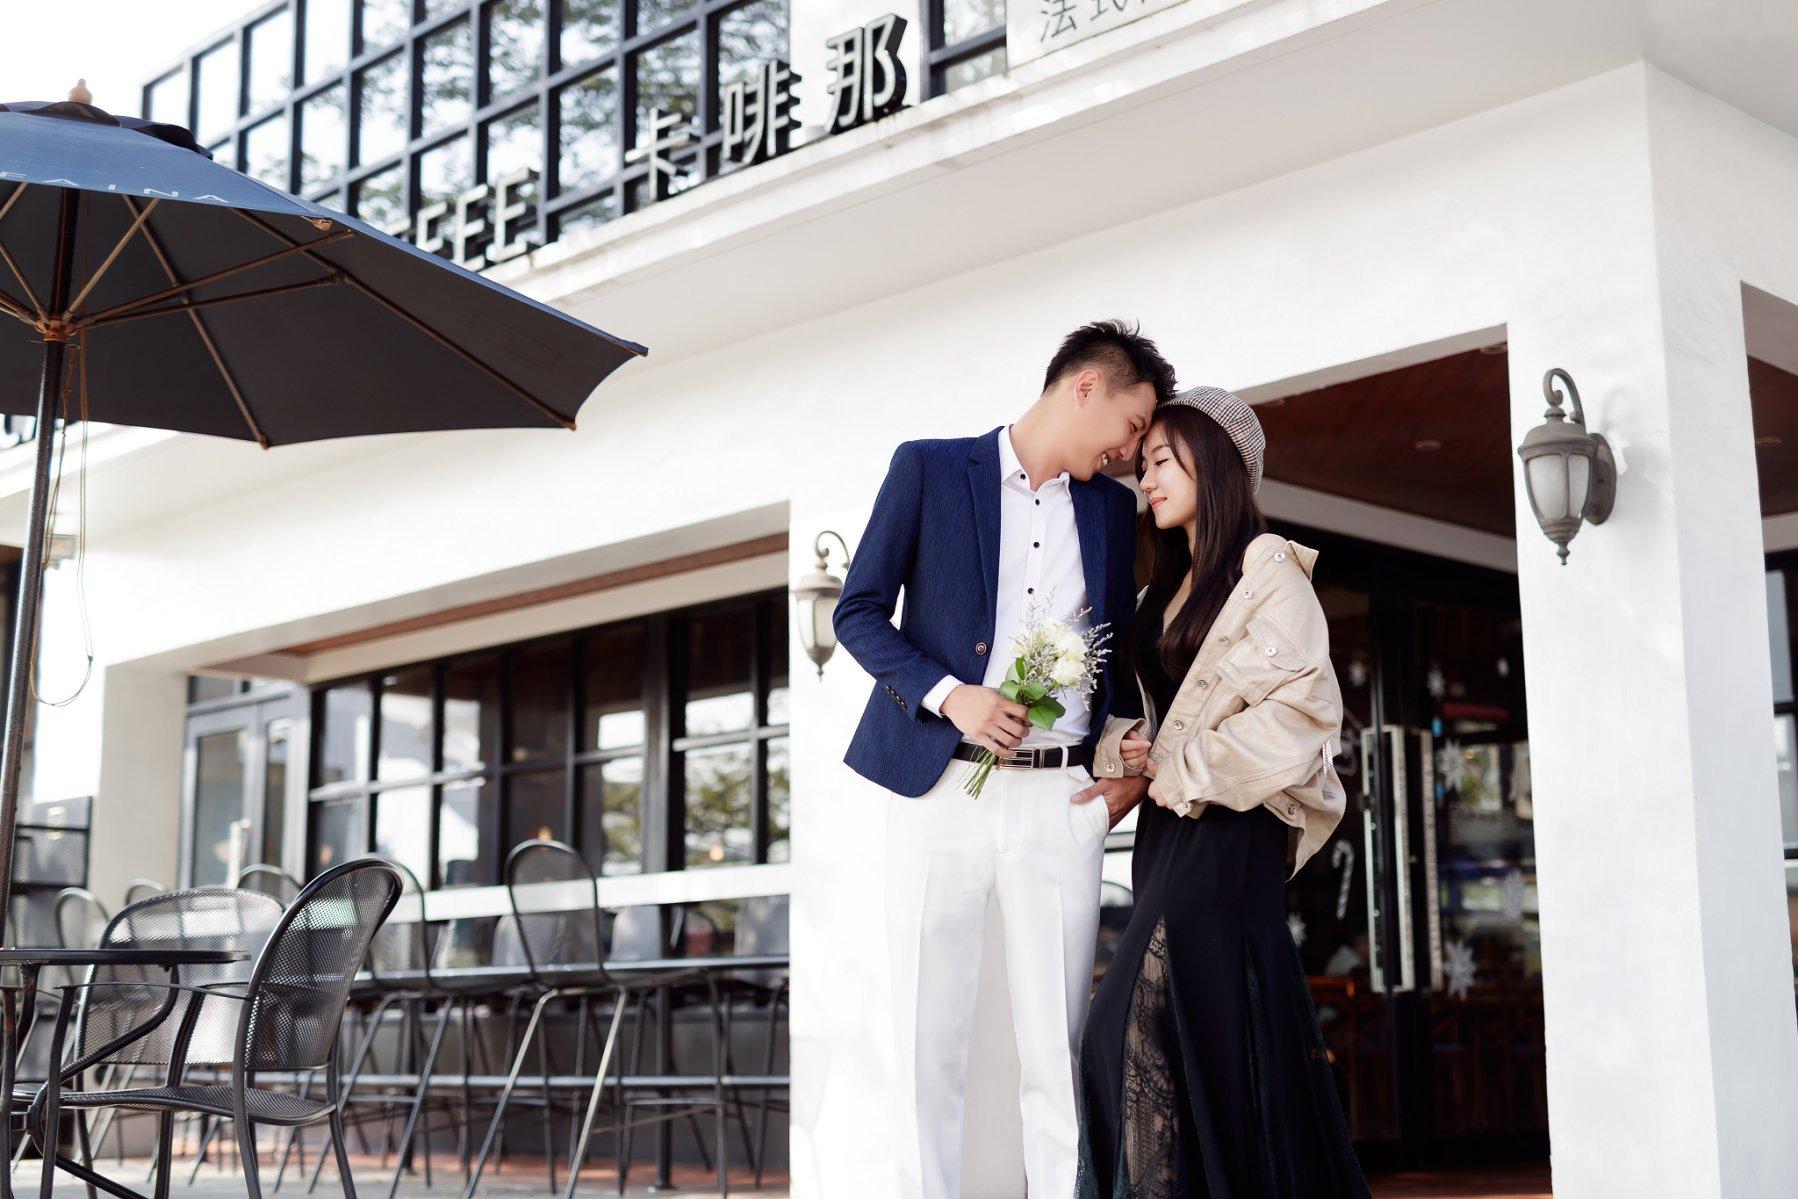 高雄婚紗照街拍風格,高雄婚紗工作室,高雄自助婚紗,高雄婚紗攝影